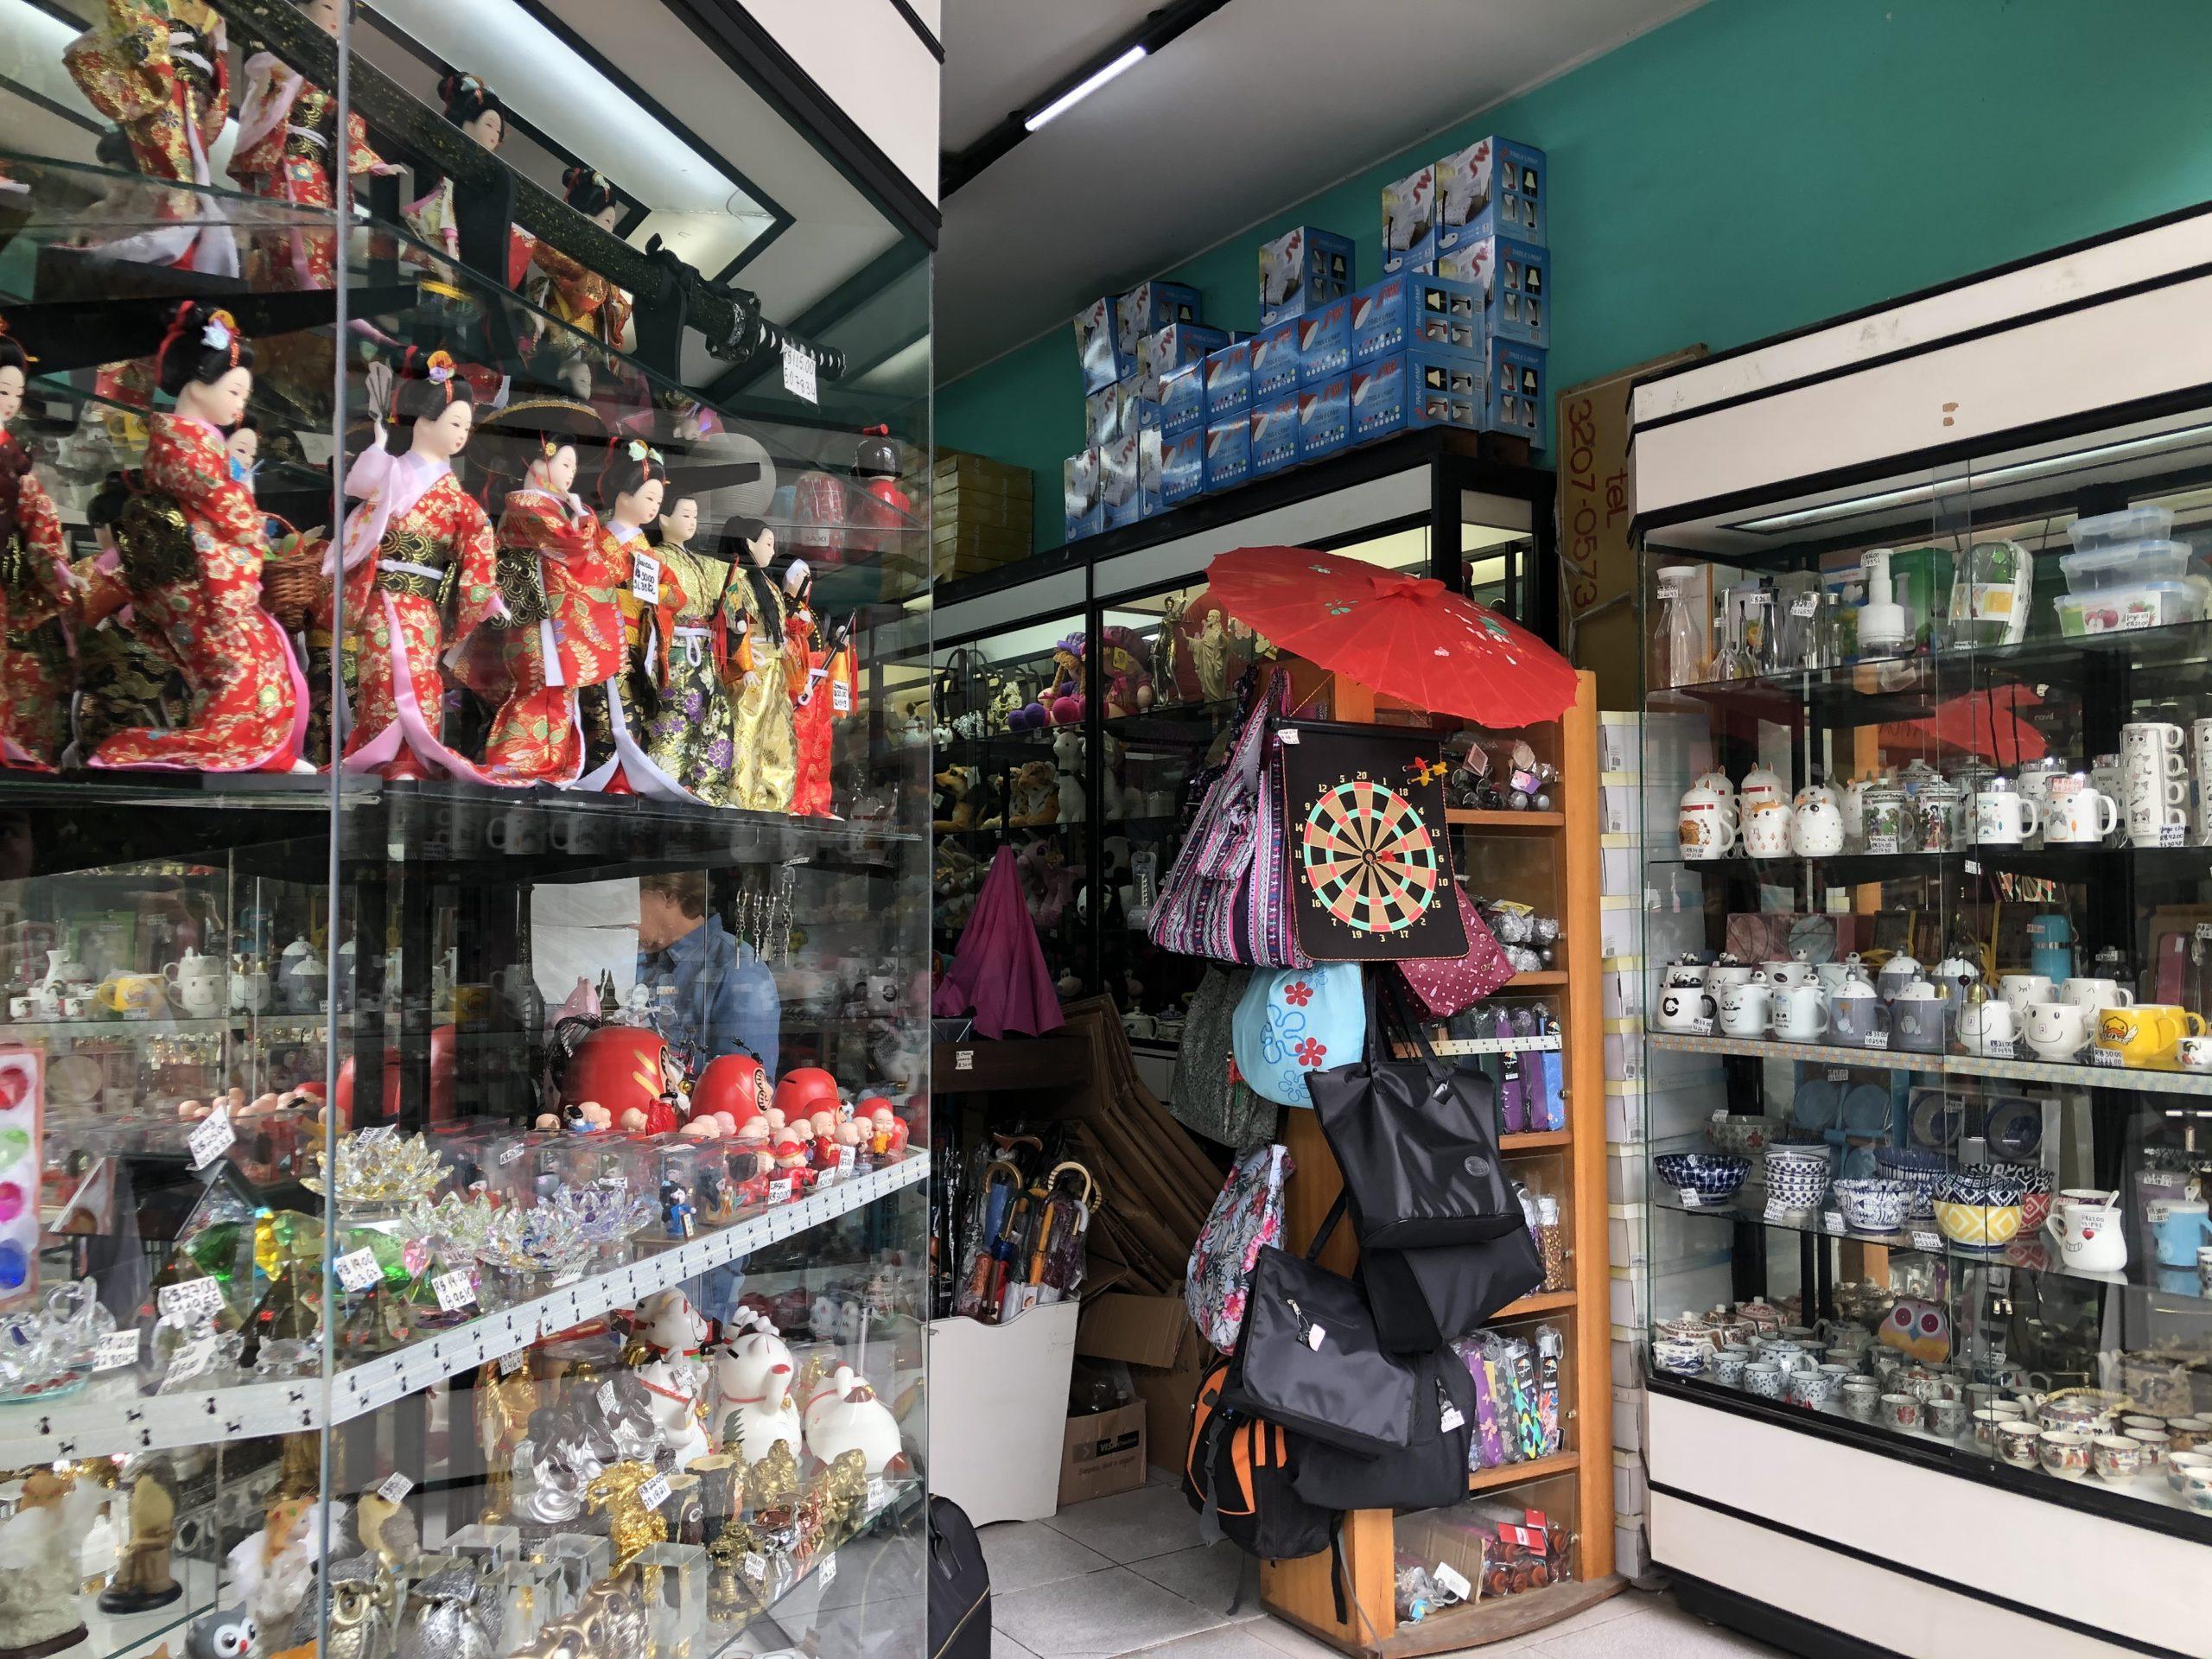 サンパウロの日本人街リベルダーデ